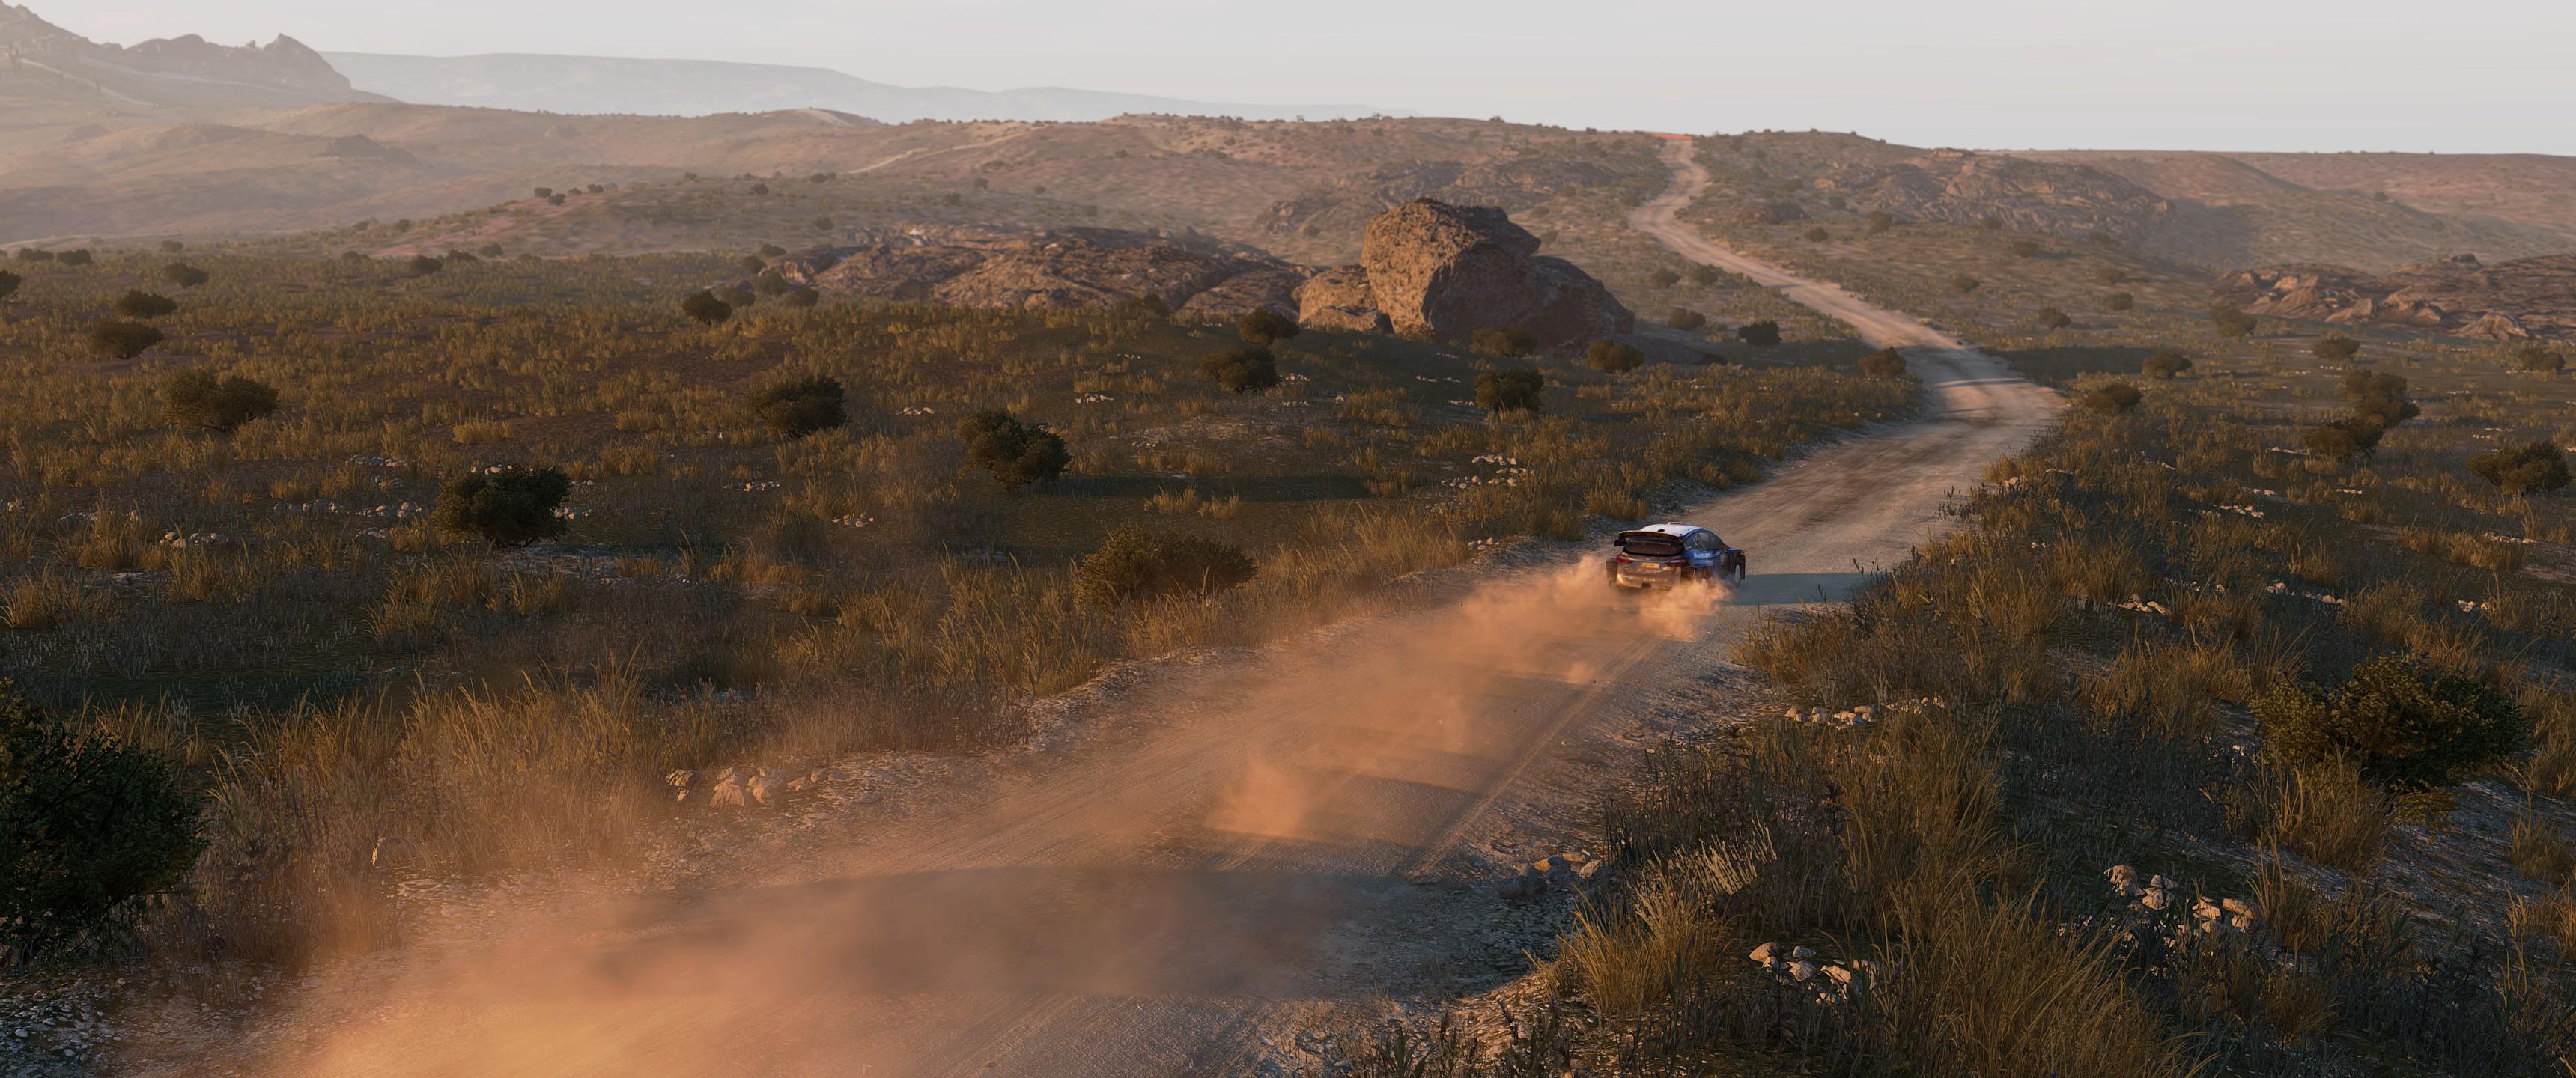 WRC8 2019-12-08 22-34-11.jpg